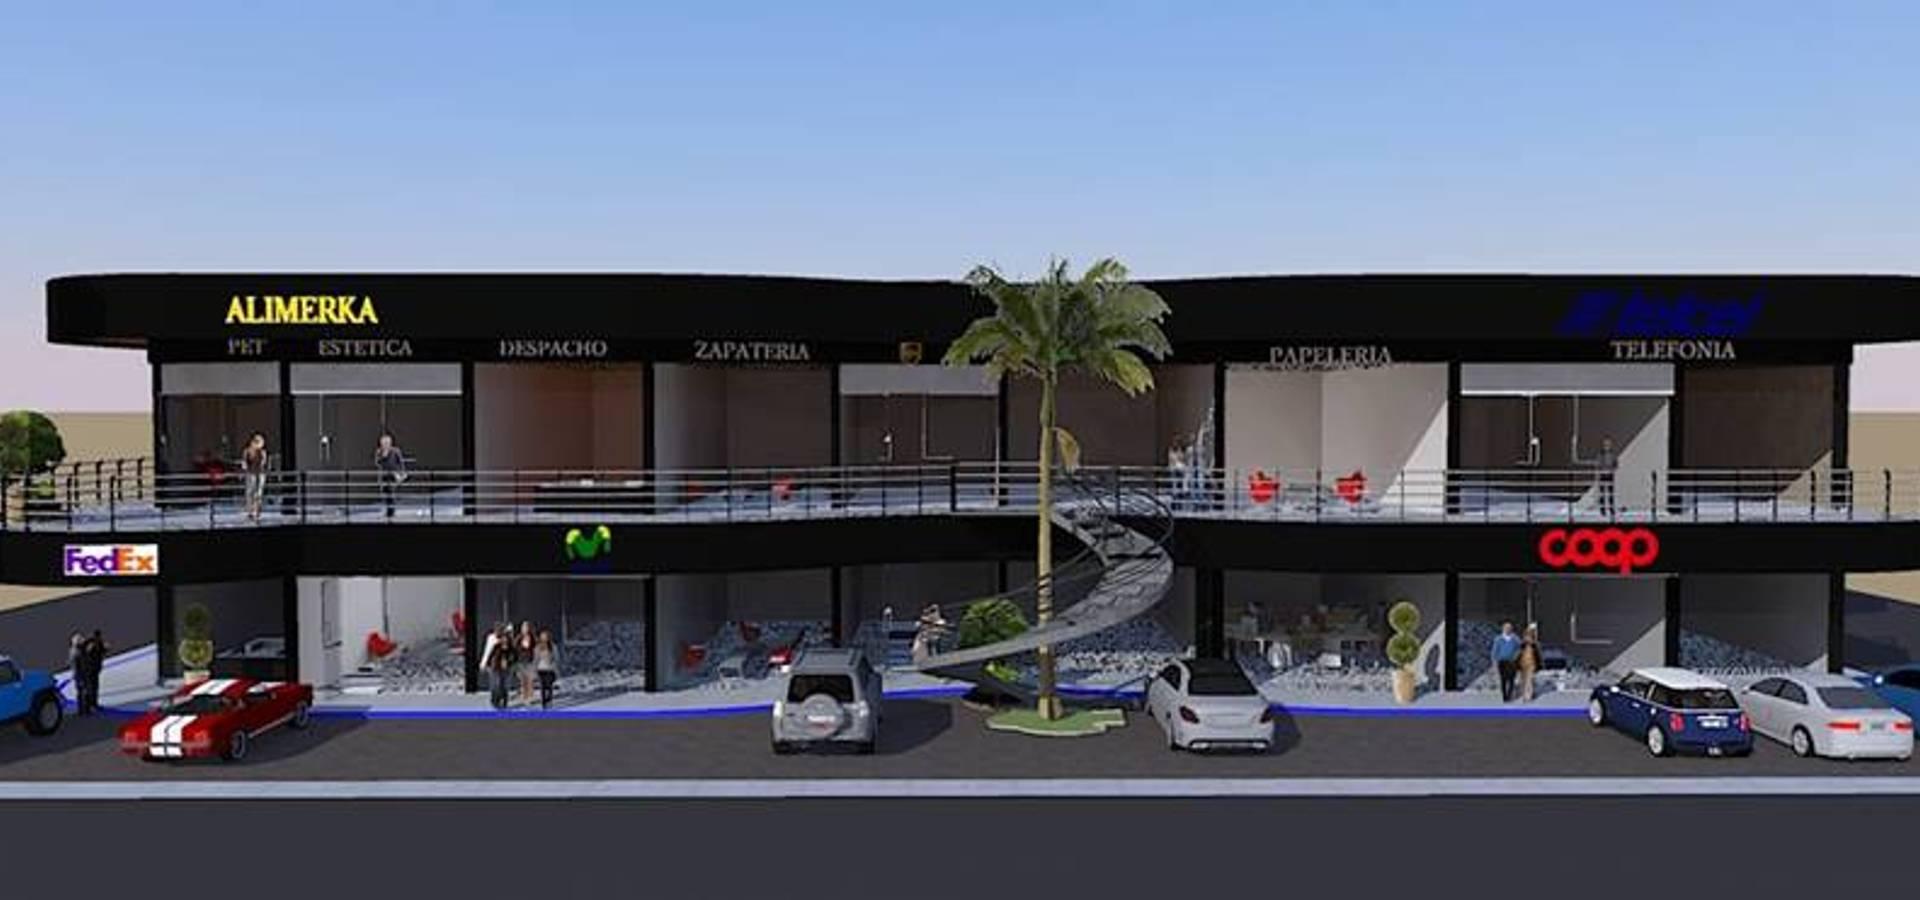 Locales comerciales de dac dise o arquitectura y for Paginas de construccion y arquitectura